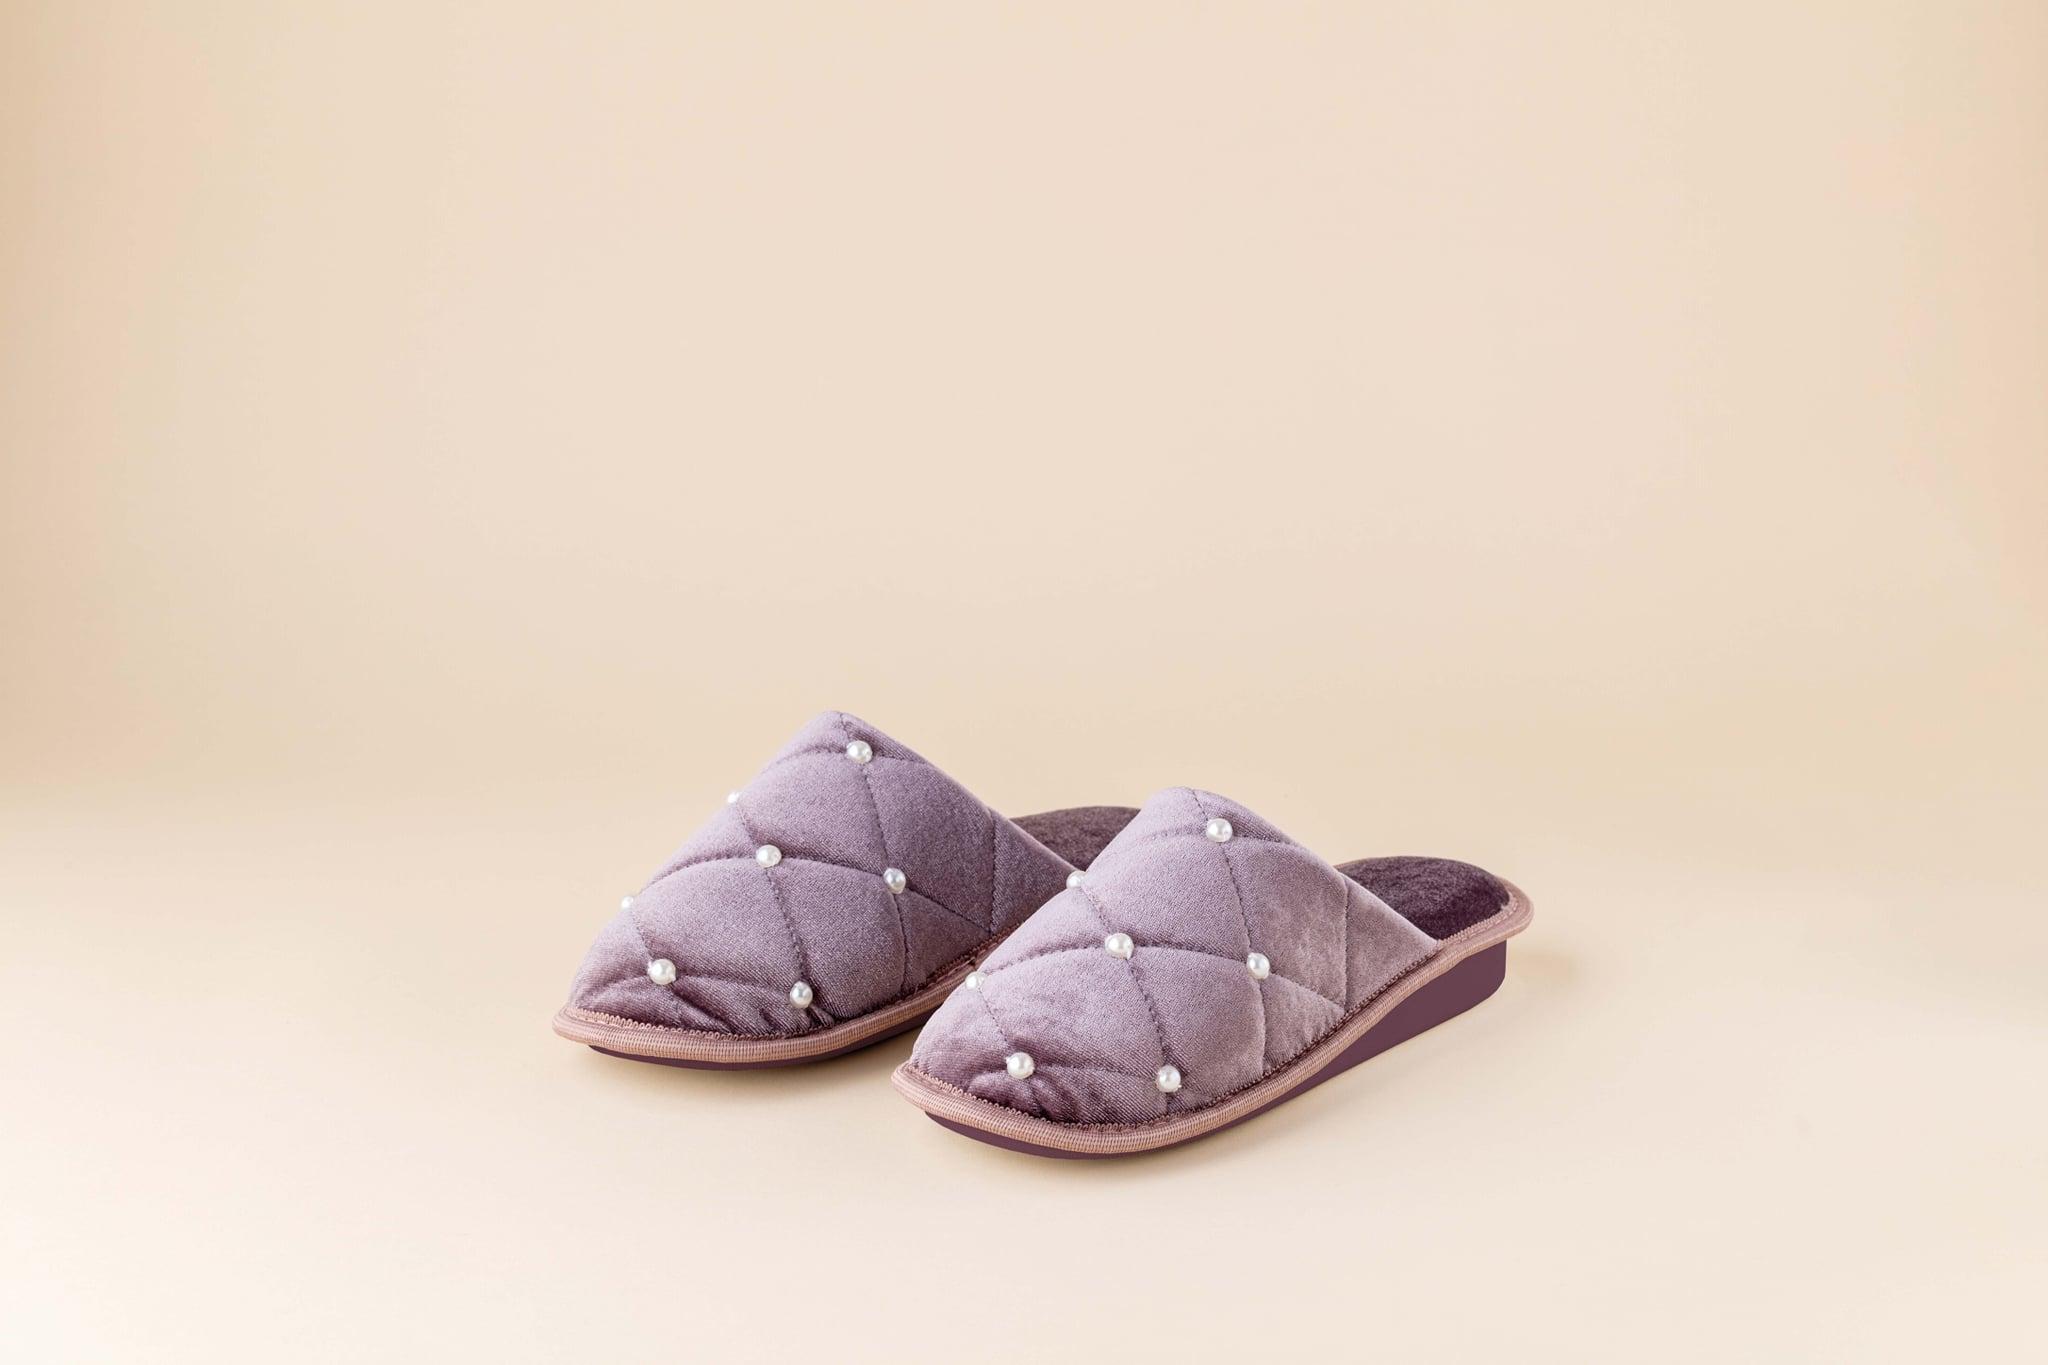 pantofole eleganti